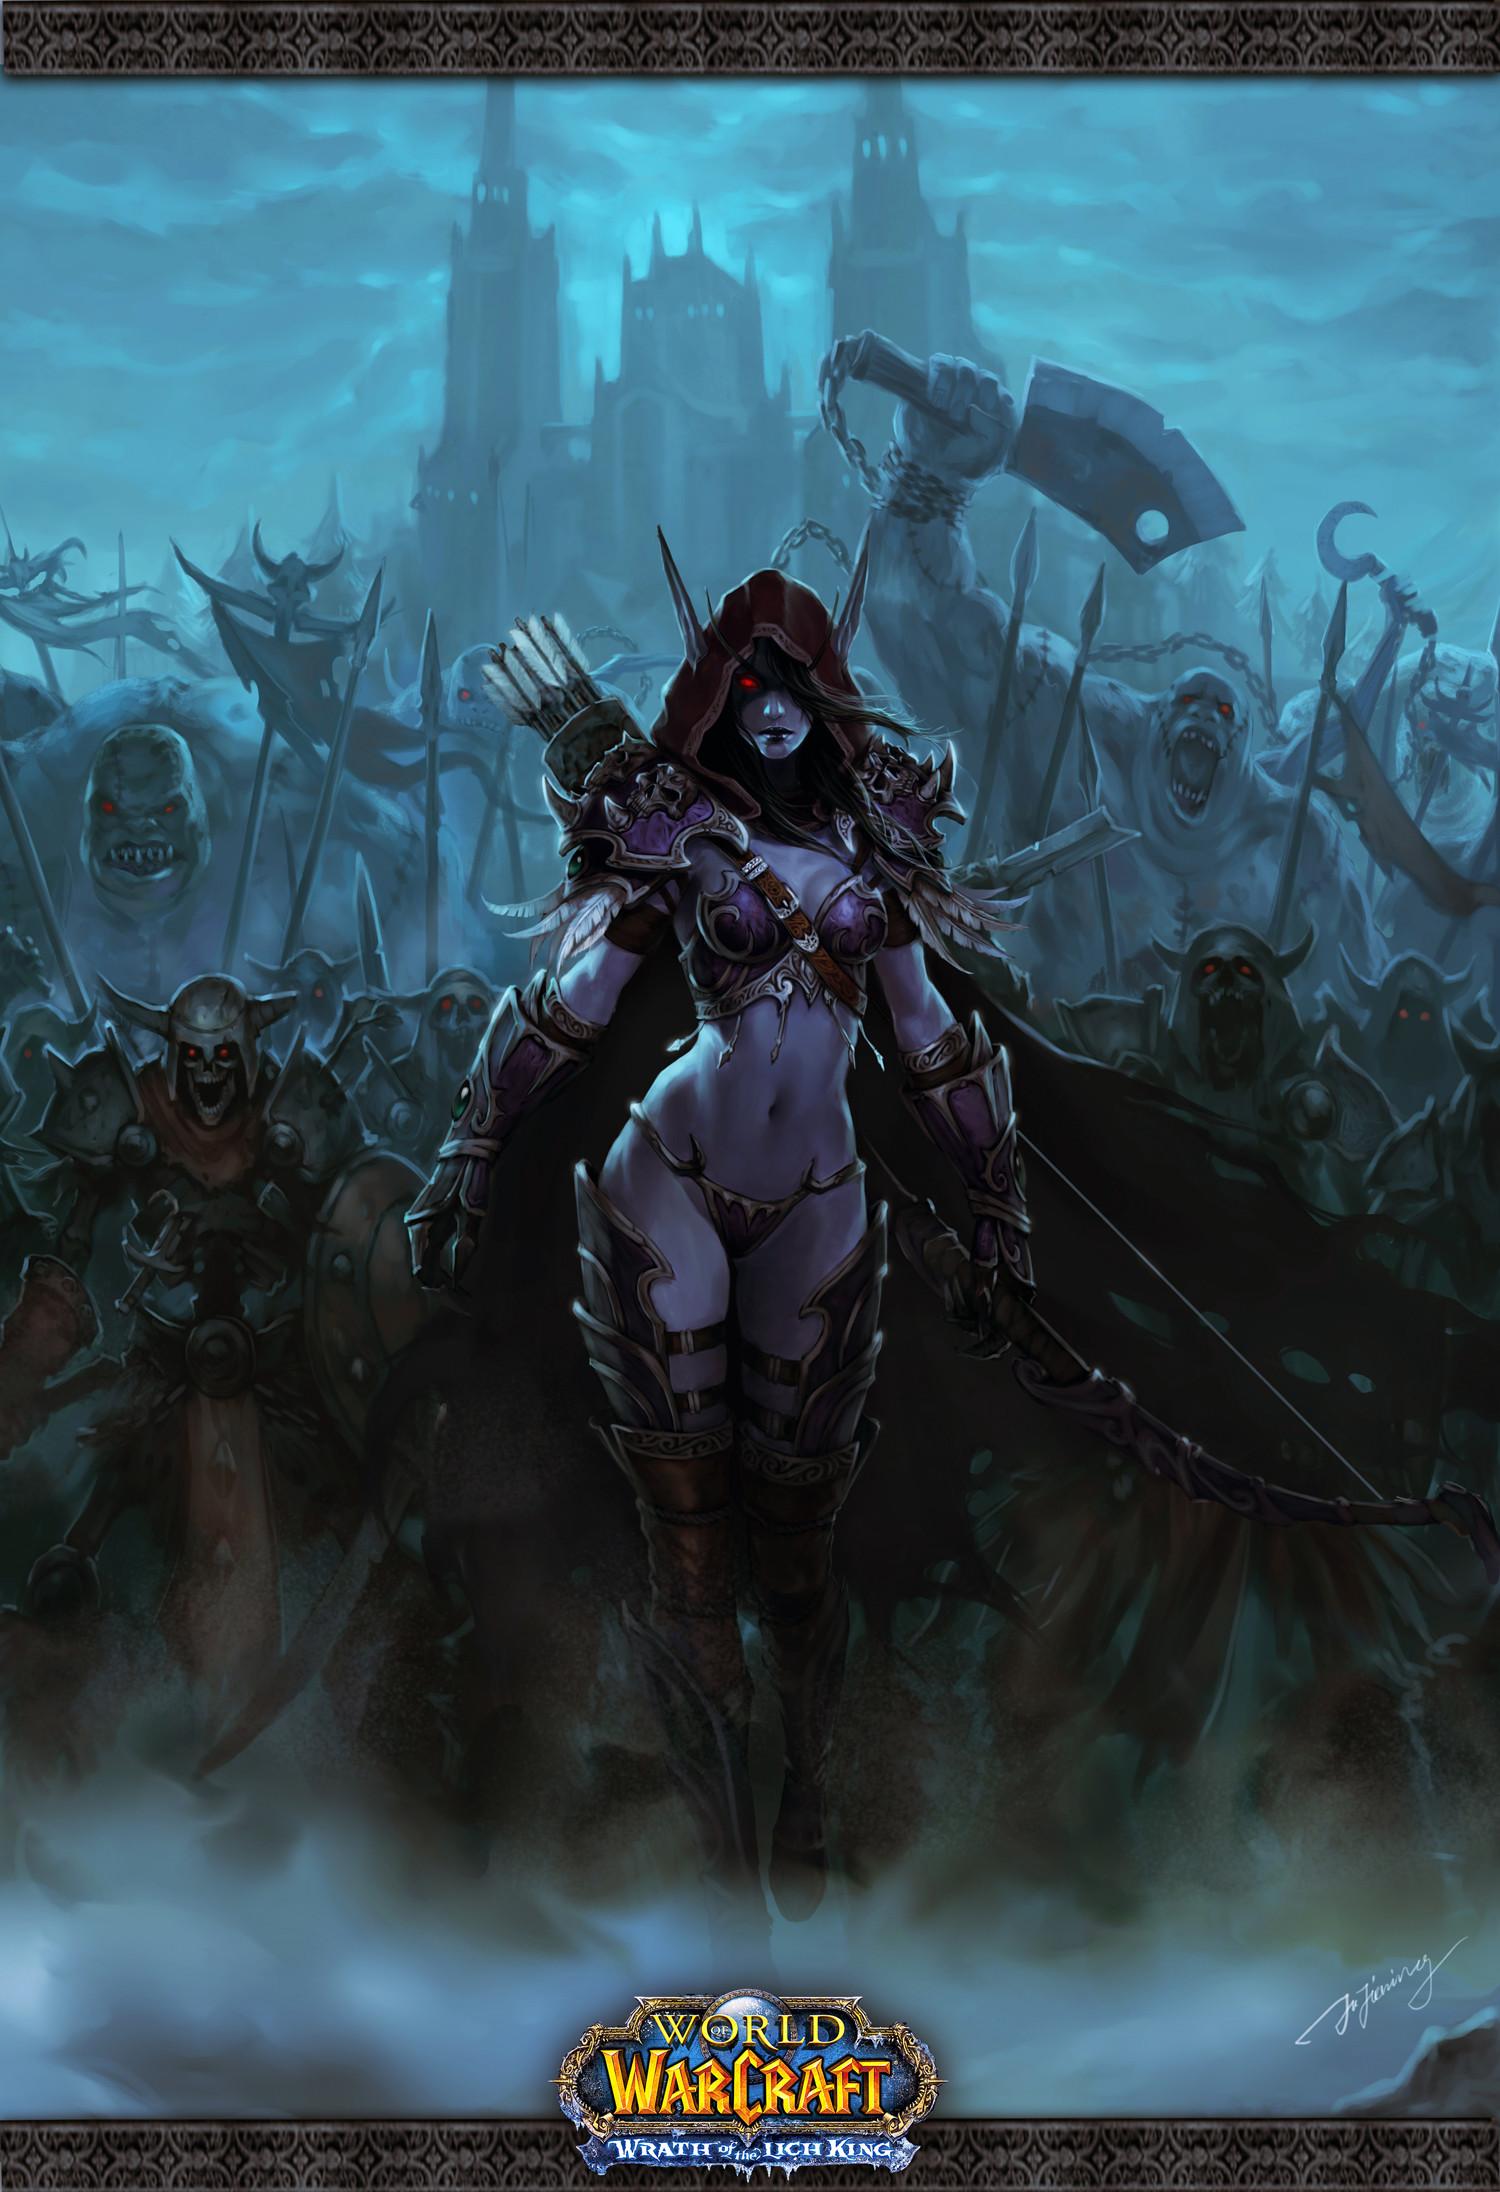 Dark Lady Sylvanas Windrunner the Banshee Queen and leader of the Forsaken